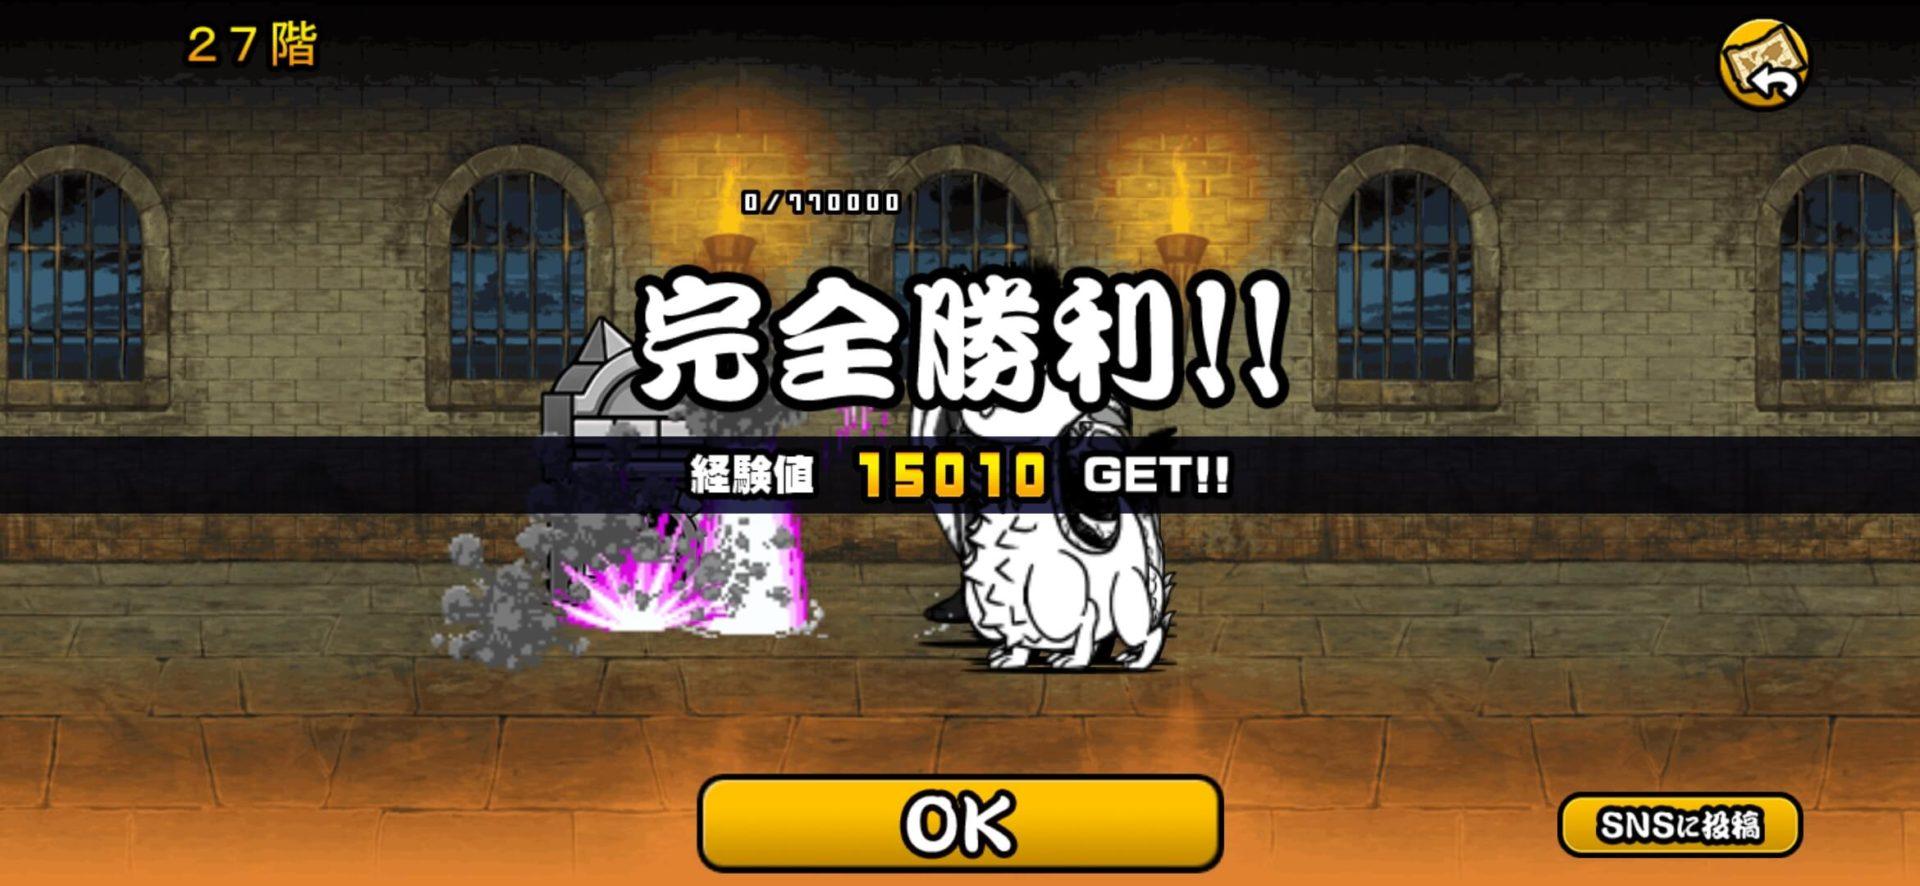 墓手太郎を倒したら急いで敵城を片付ける